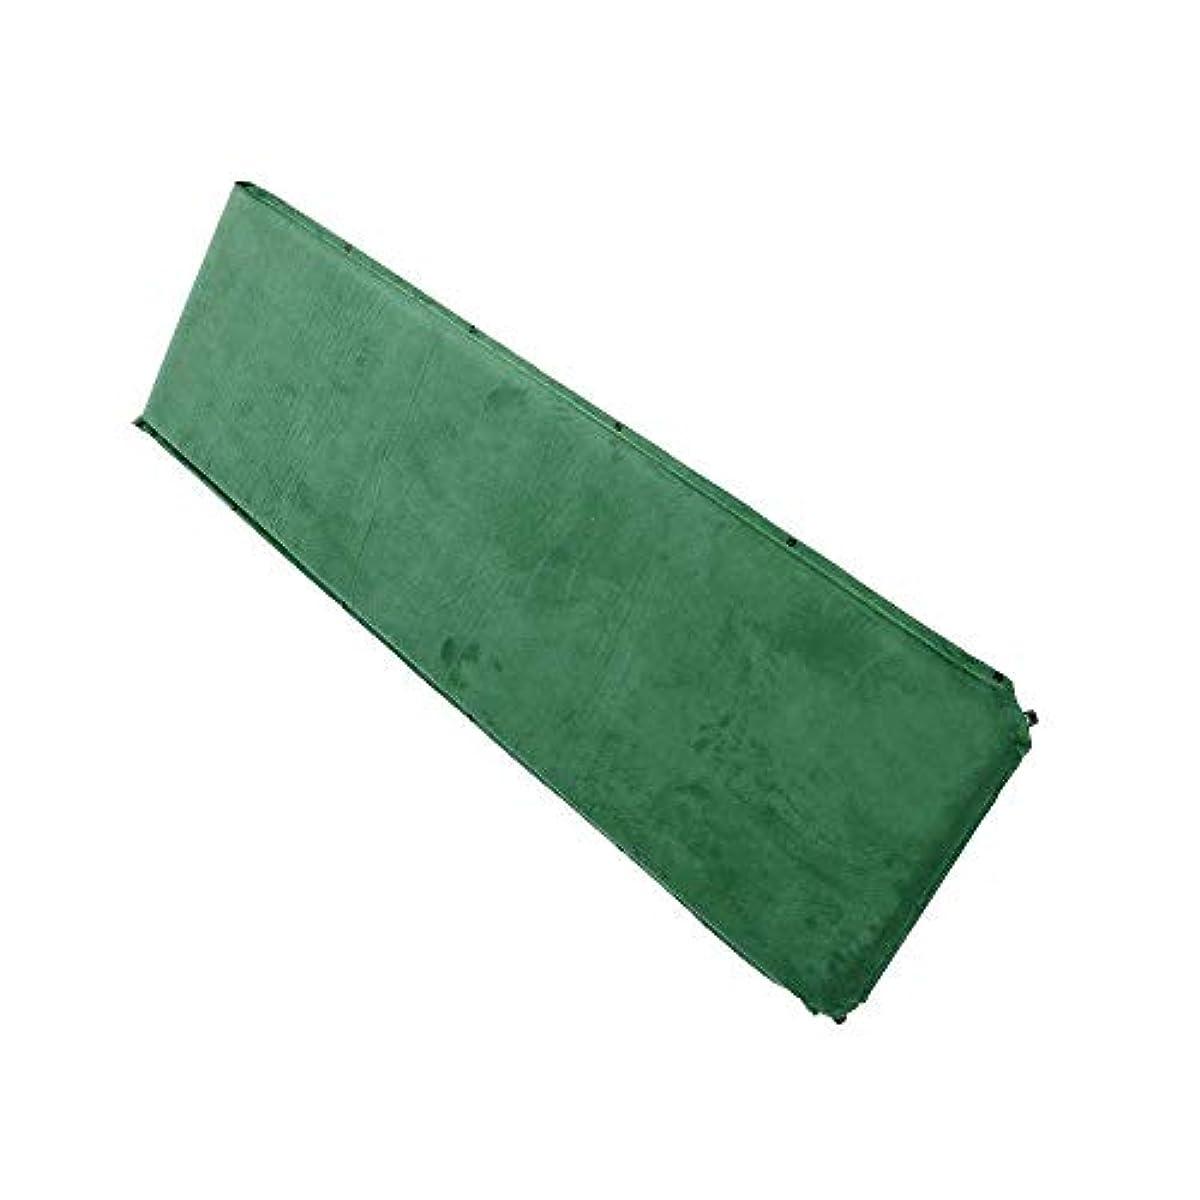 不機嫌そうな部分的剃るseiyishi キャンピングマット テントマット アウトドア マット エアーマット エアーベッド スエード生地 超軽量型 車中泊 エアーマット エアマット 耐水加工 コンパクト 厚さ9cm インフレータブル カラー:グリーン SY-ad188-gr